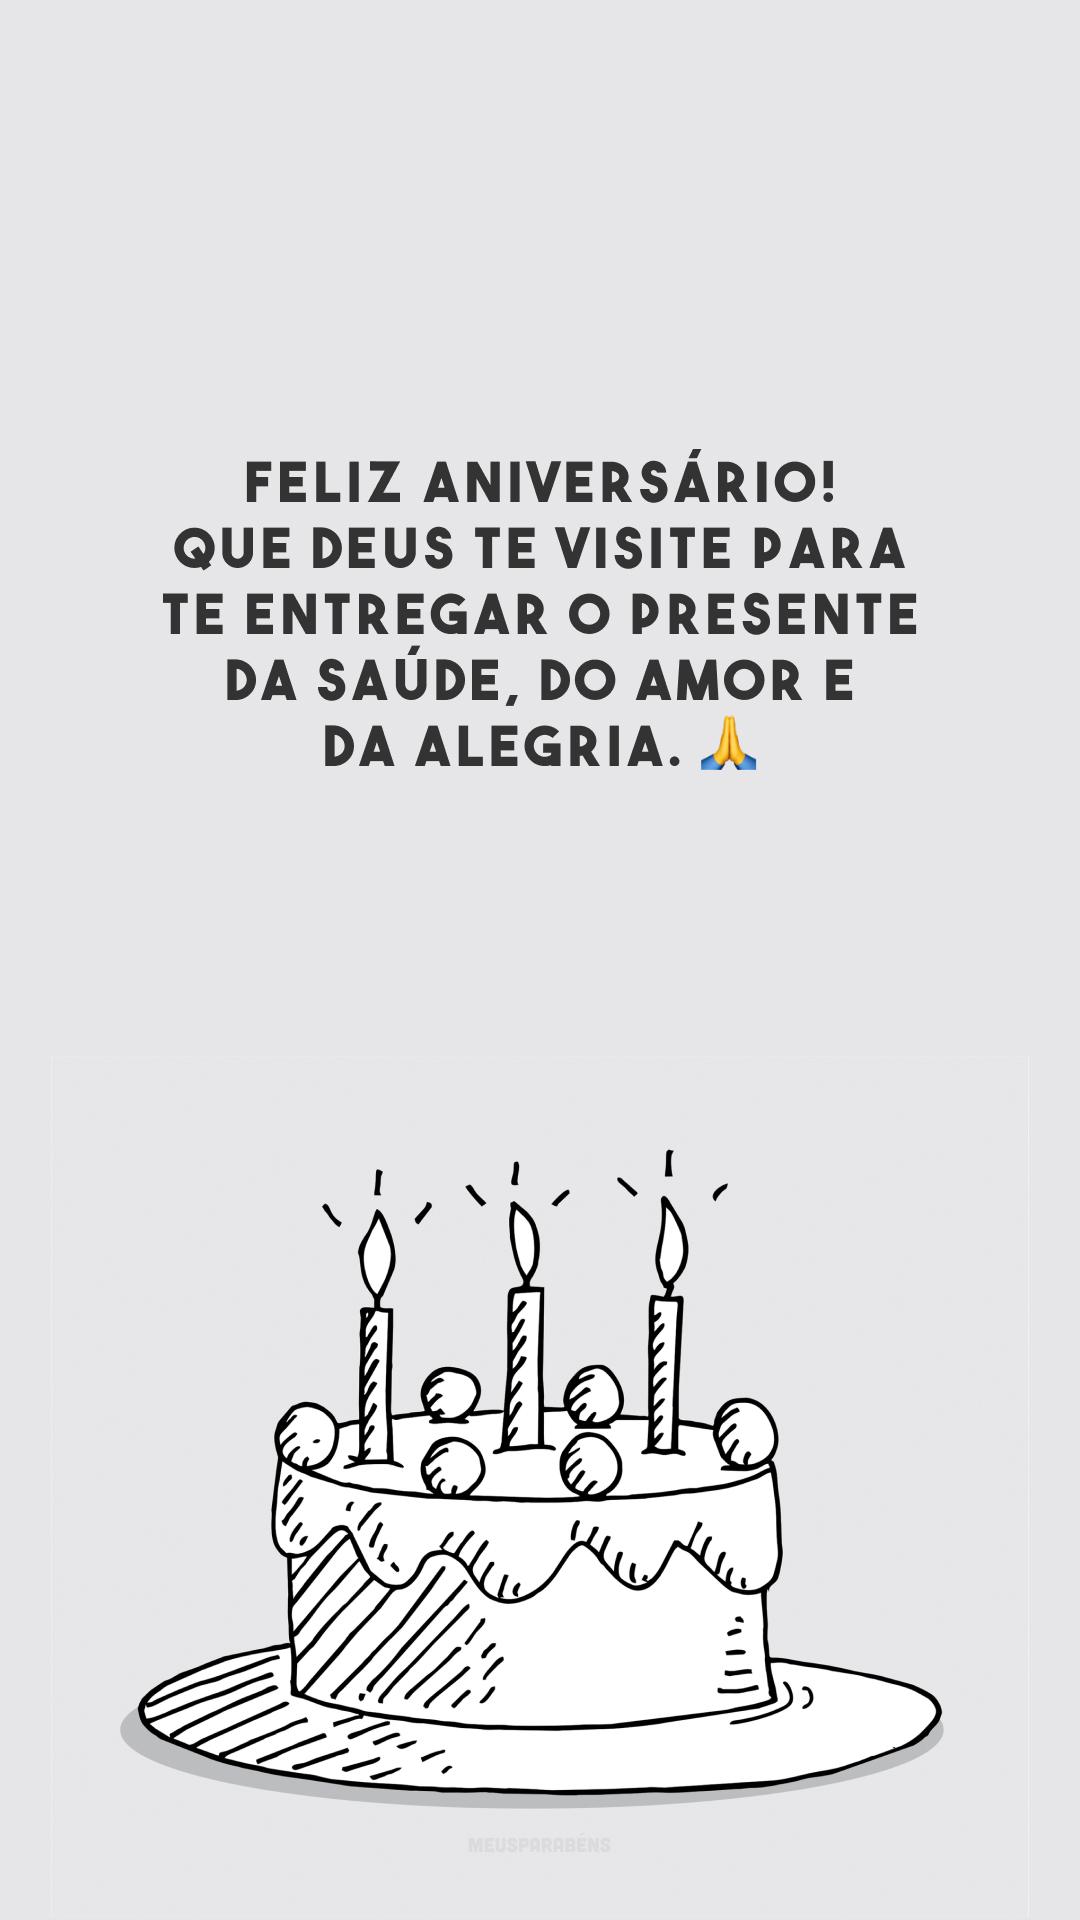 Feliz aniversário! Que Deus te visite para te entregar o presente da saúde, do amor e da alegria. 🙏